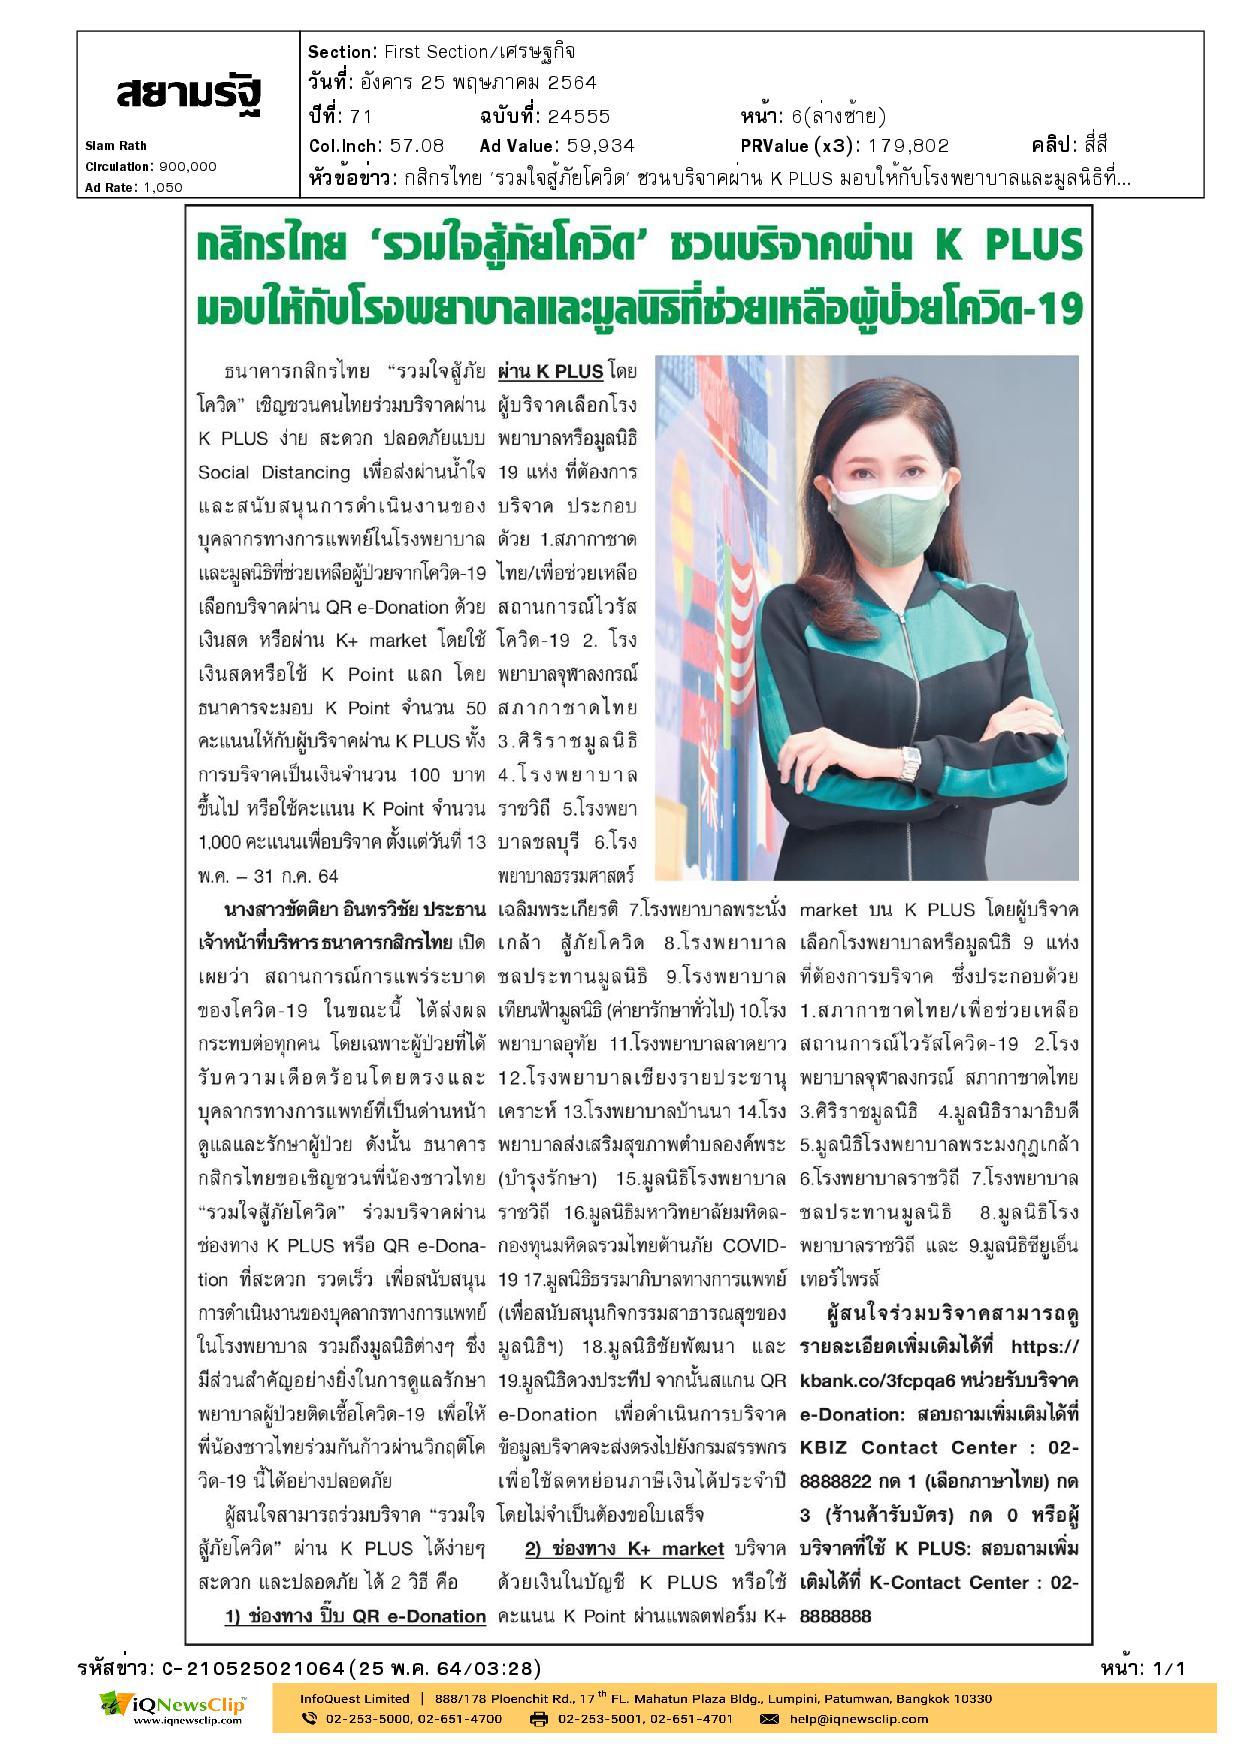 """ธนาคารกสิกรไทย """"รวมใจสู้ภัยโควิด"""" ชวนบริจาคผ่าน K PLUS"""